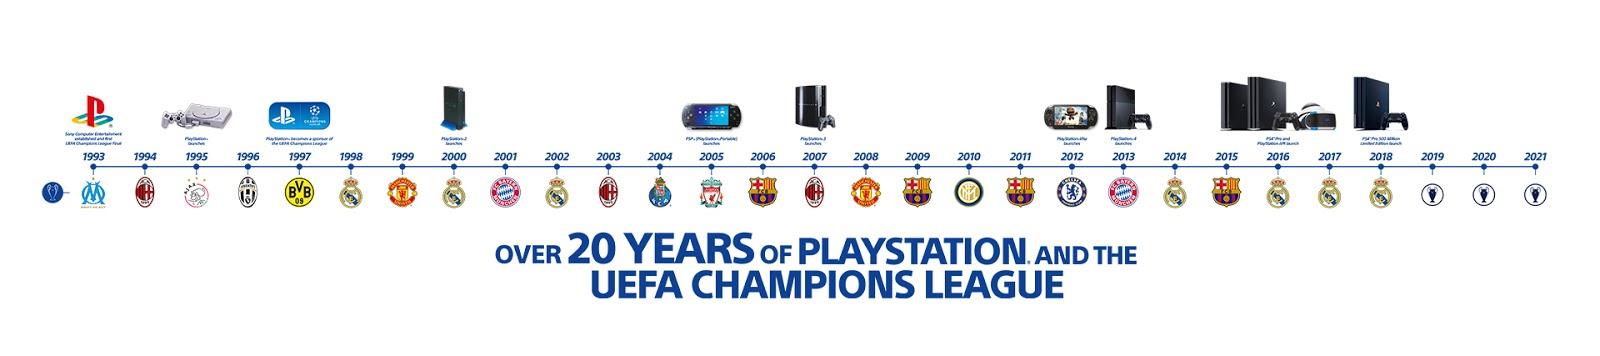 Timline della partnership tra Playstation e UEFA Champions League, segno del legame tra Playstation ed il calcio. Partendo dal 1993 gli accordi sono durati nel tempo fino ad oggi. Fonte: Playstationgeneration.it